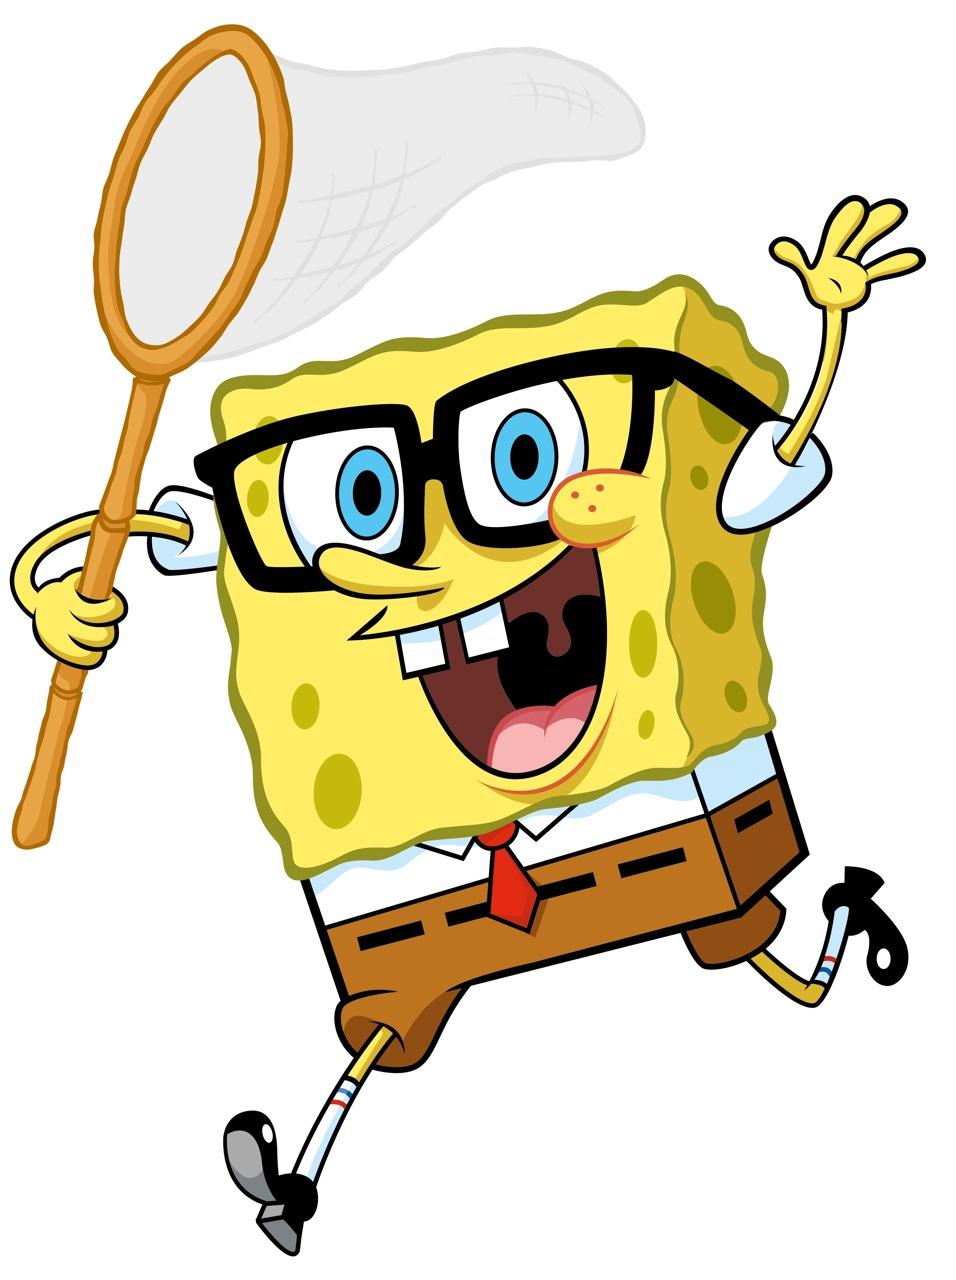 Le puntate di spongebob e la caccia al personaggio misterioso - Immagini di spongebob e sabbia ...